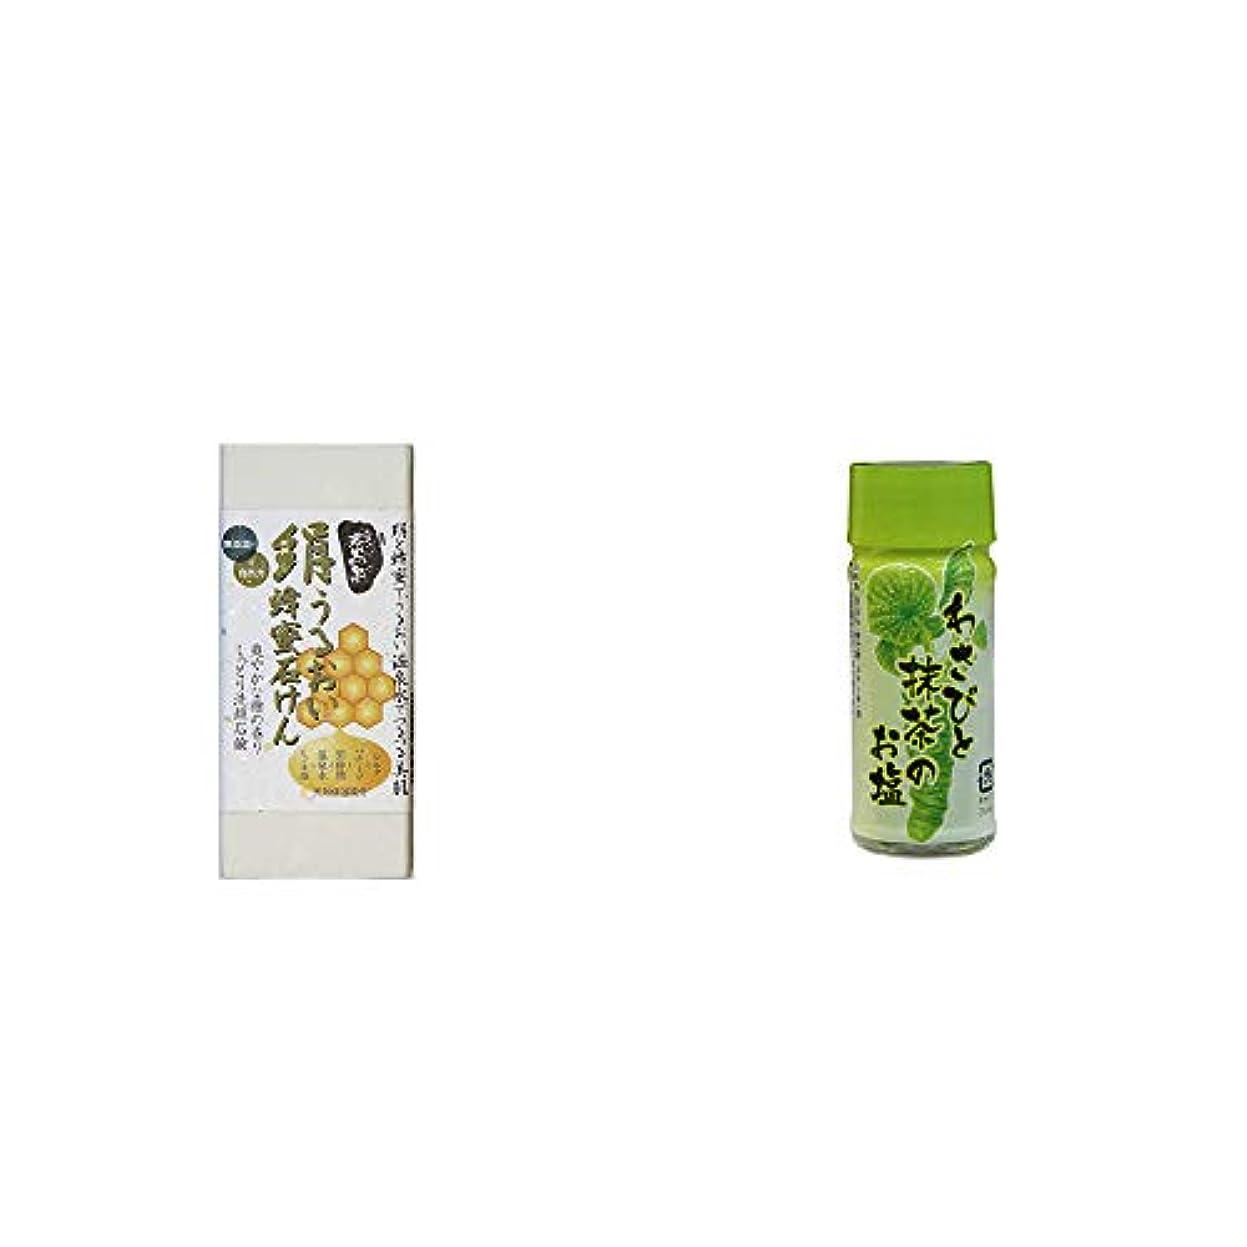 準備ができて消費者枠[2点セット] ひのき炭黒泉 絹うるおい蜂蜜石けん(75g×2)?わさびと抹茶のお塩(30g)